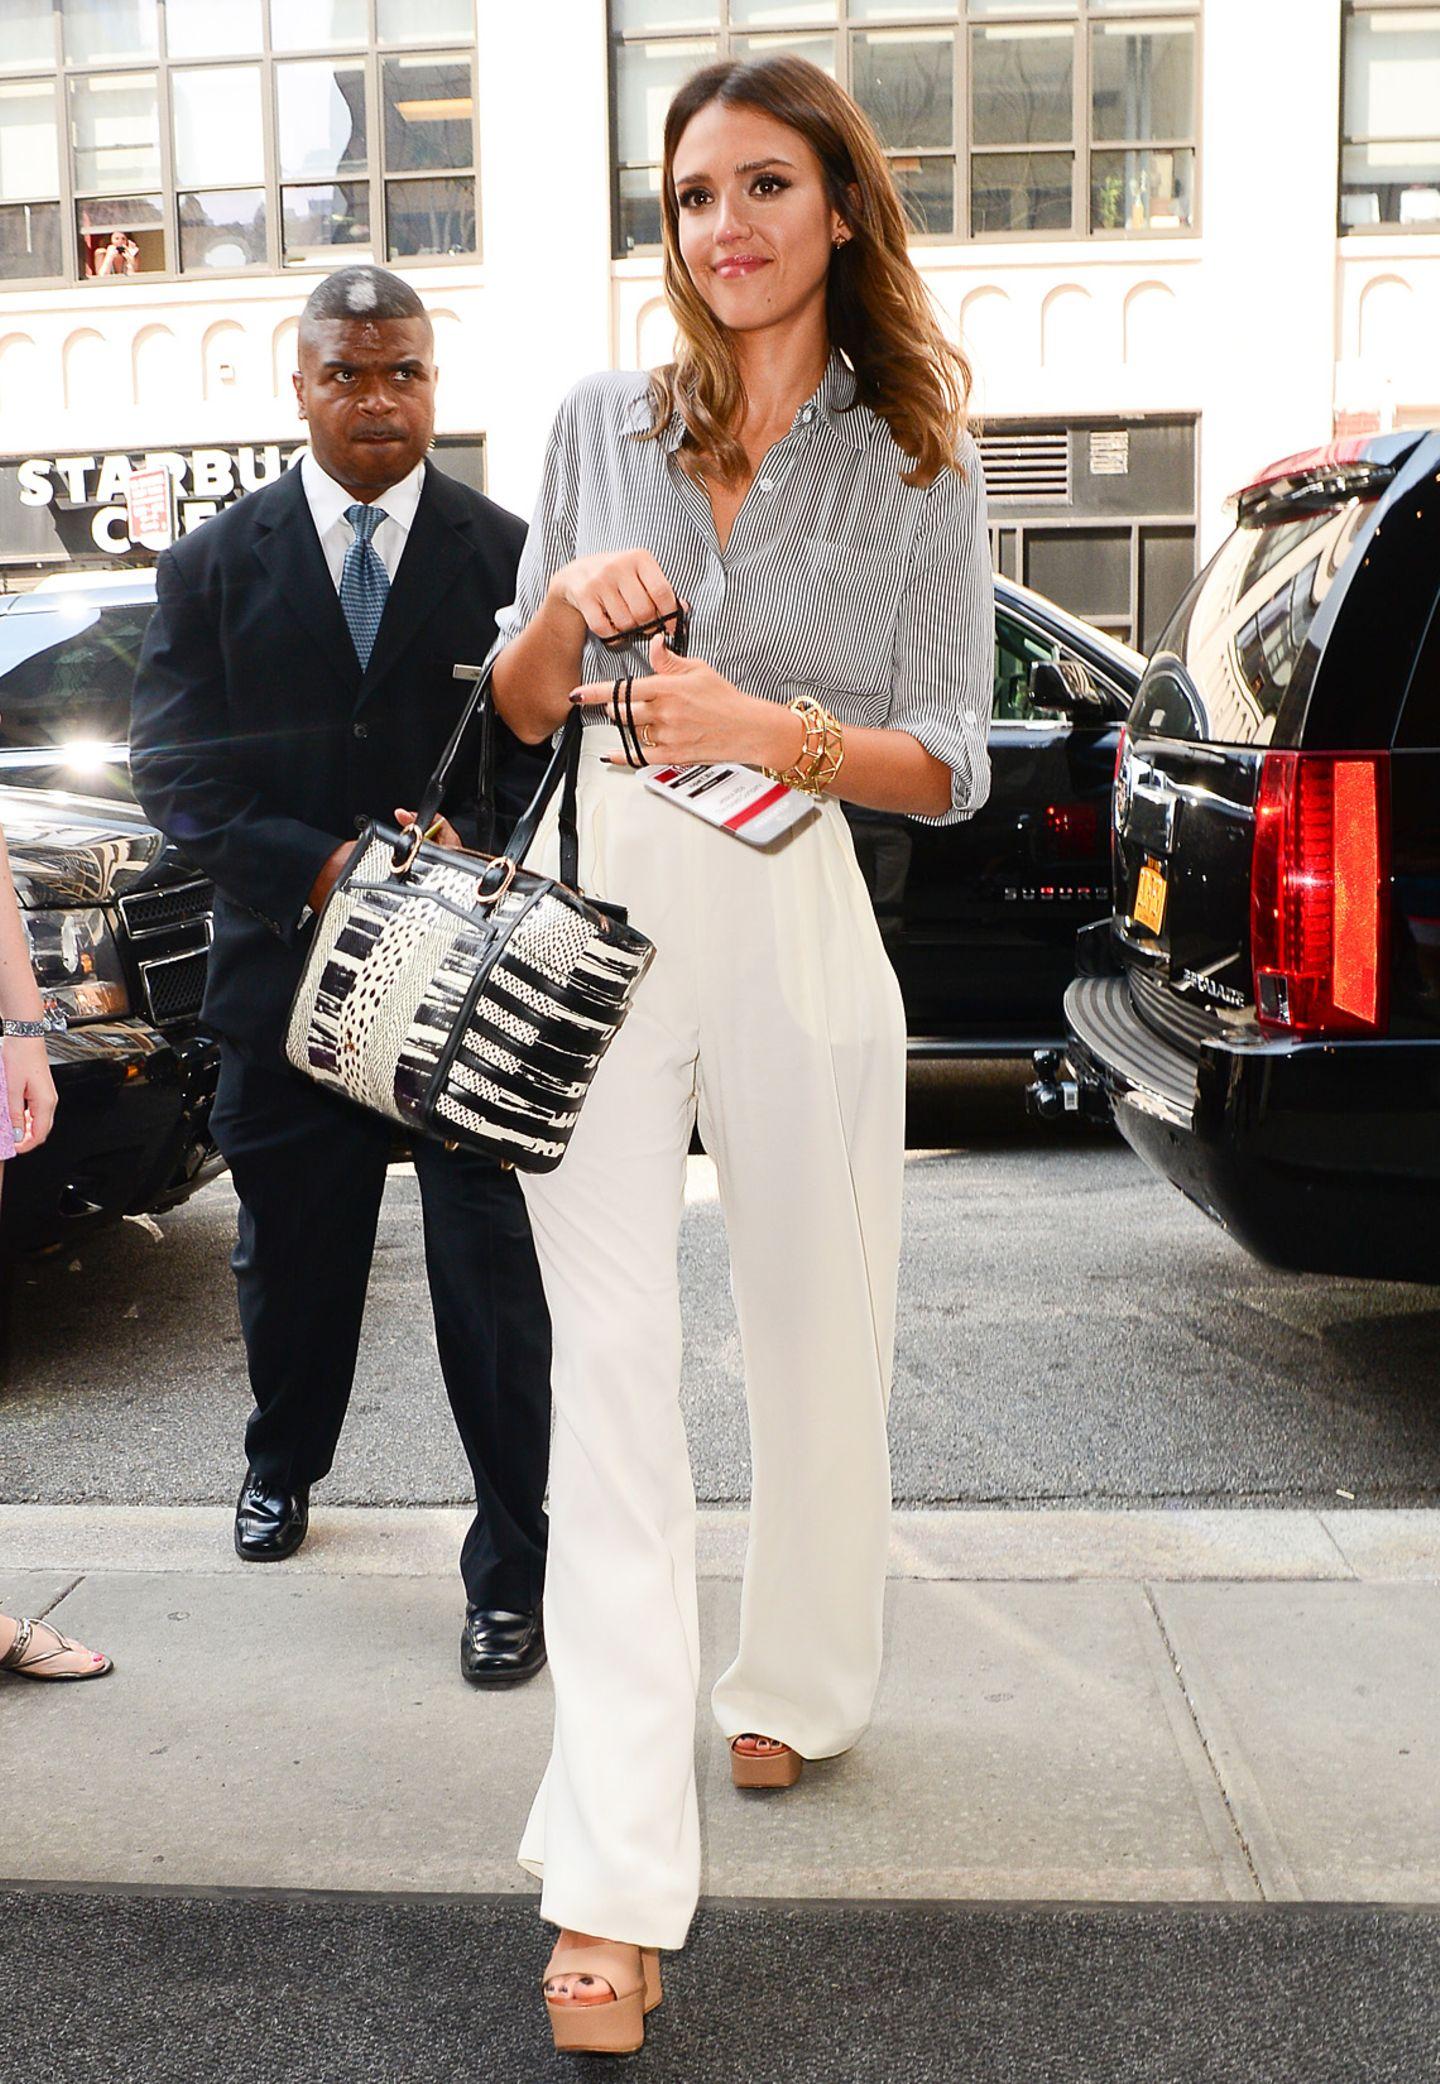 Jessica Alba kombiniert eine cremeweiße Marlenehose zum perfekten Business-Look mit Plateau-Sandaletten und einer gestreiften, weitgeschnittenen Bluse.